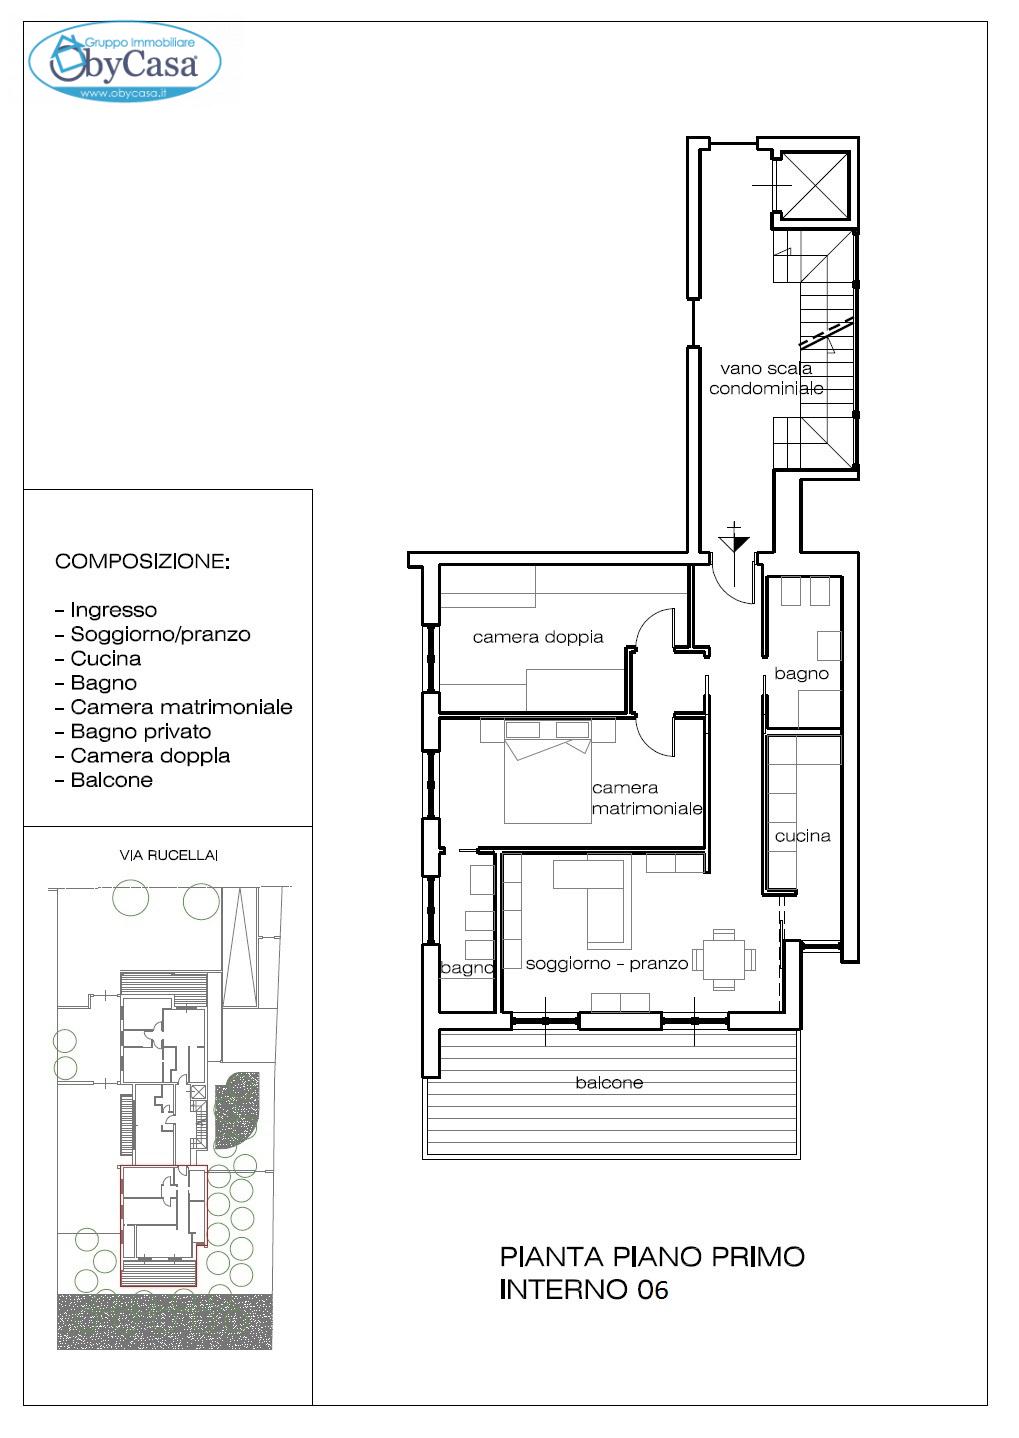 Appartamento in vendita a Santa Marinella, 3 locali, zona Località: Centrale, prezzo € 255.000   CambioCasa.it